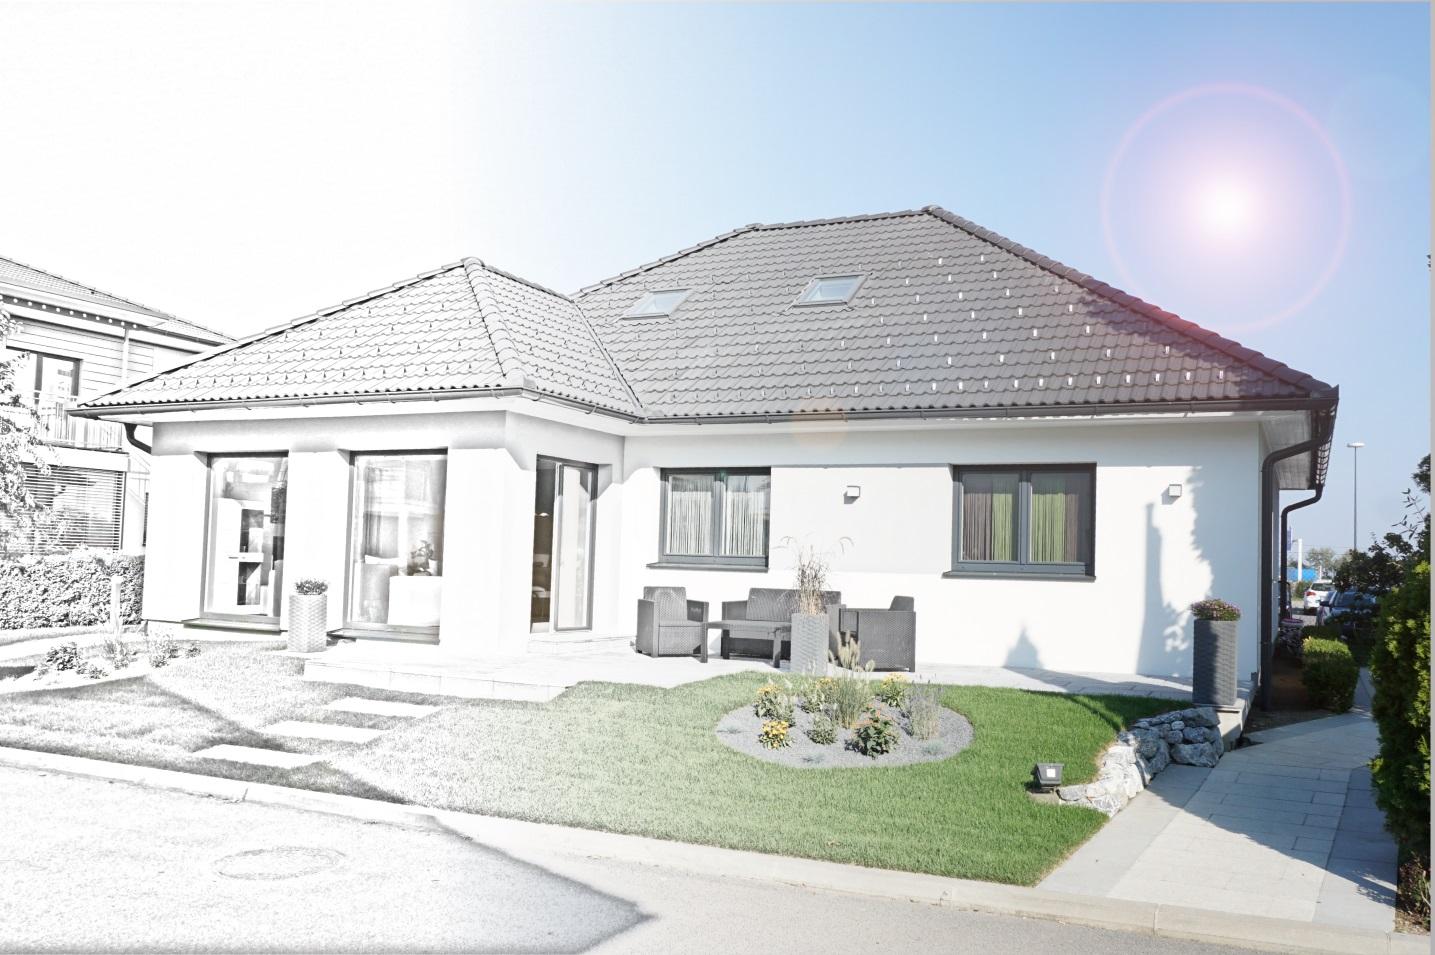 Von der Zeichnung zum fertigen Haus Architekt Baumeister